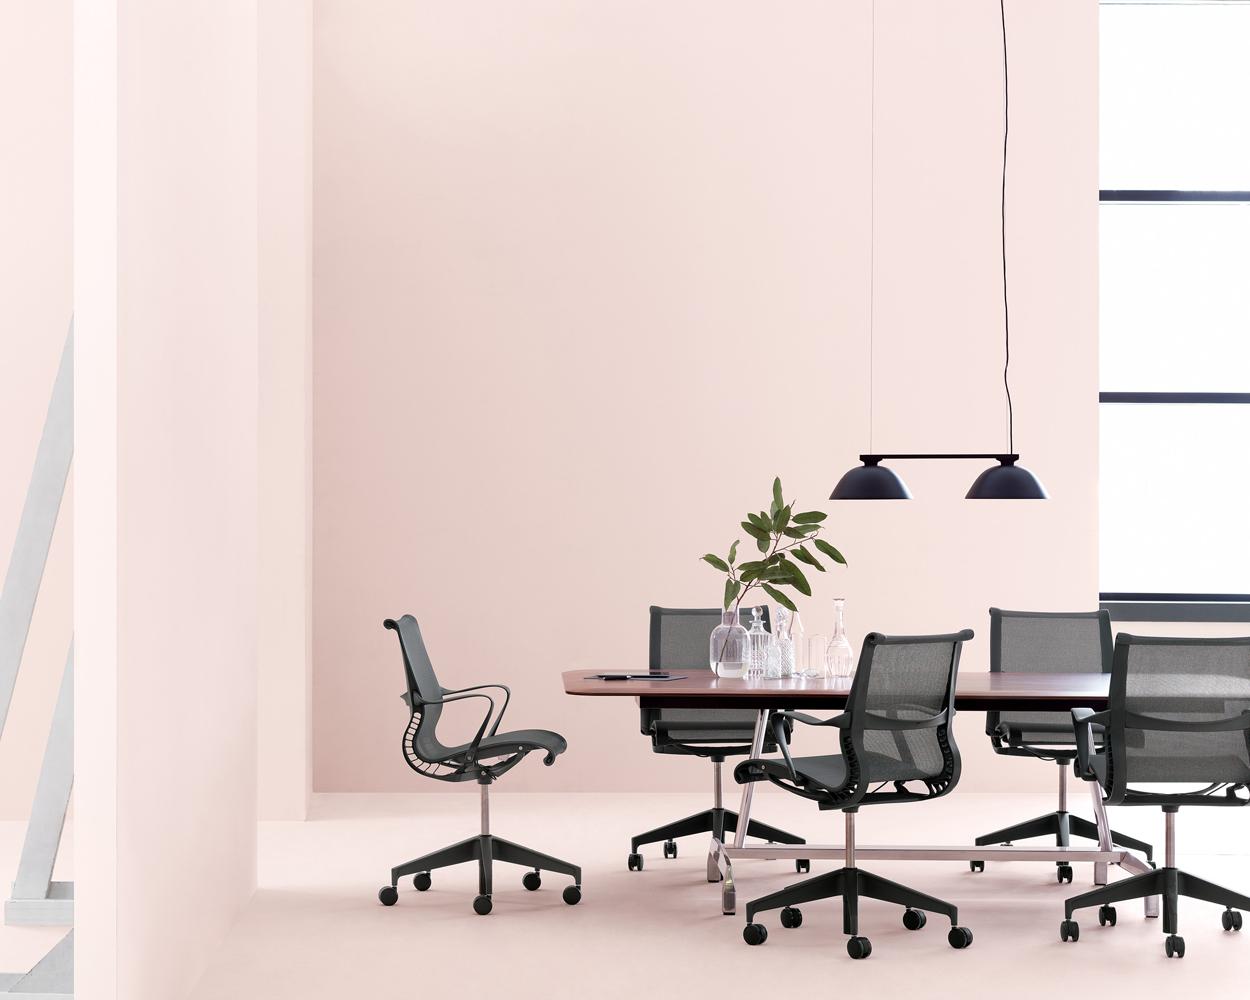 Grote kantoortuin of kleine vergaderruimte. De Setu-stoelen van Herman Miller zijn ontworpen voor elke locatie. Het innovatieve design komt terug in de vorm én materiaal.